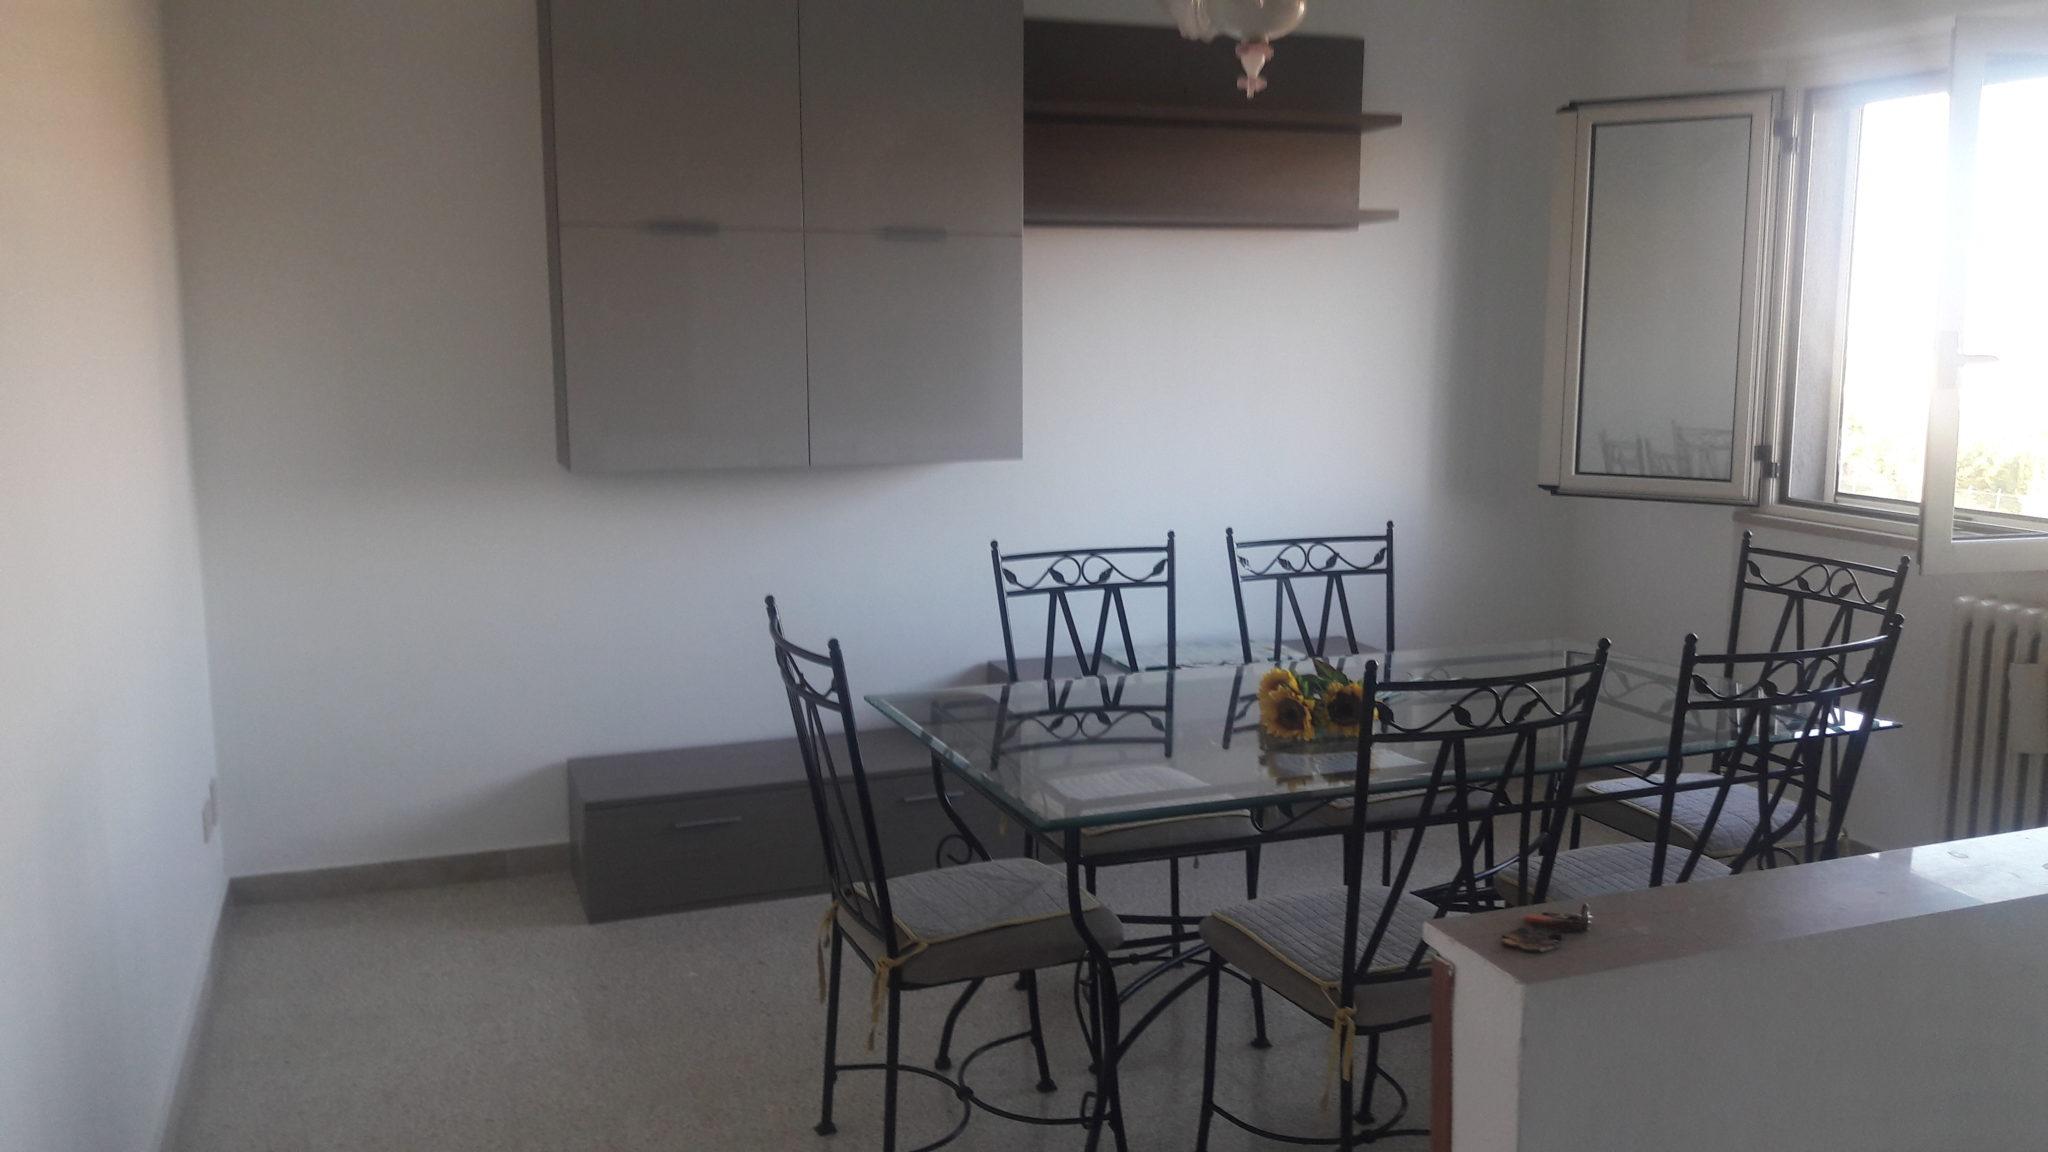 Affitto appartamento arredato con garage anxa for Affitto carpenedolo arredato